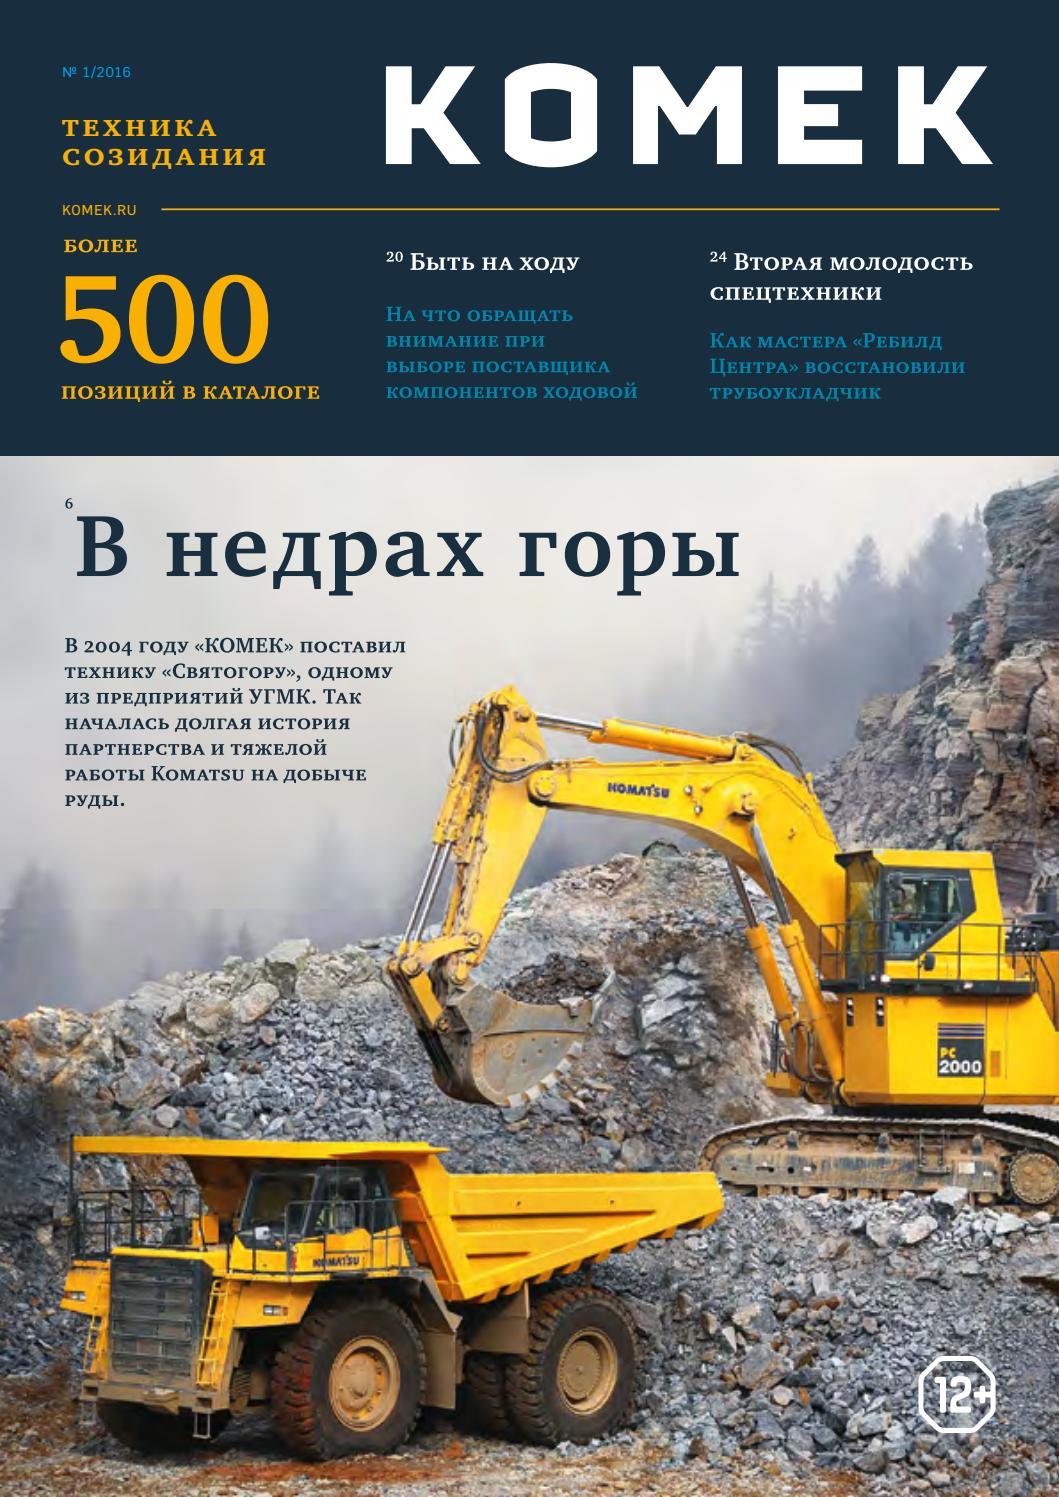 Оператор дробильной установки в Камышин дробильно сортировочное оборудование в Воткинск